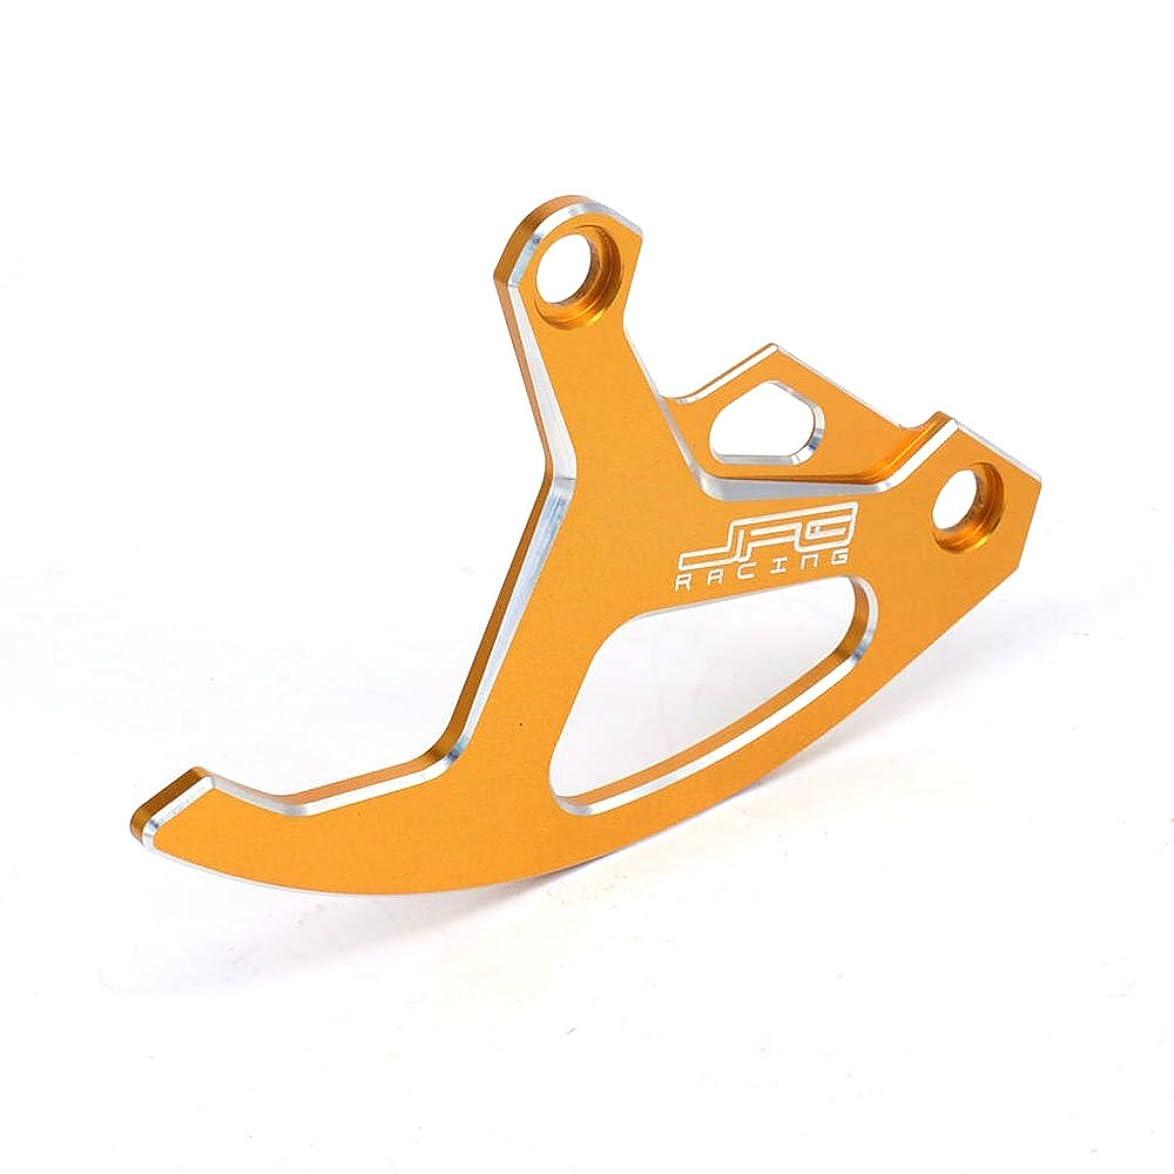 十実際にショットオートバイ用 ブレーキディスクガード ディスクカバー リア用 Suzuki RM125 RM250 05-08 RMZ250 07-17 RMZ450 05-17 RMX450Z 10-15 DRZ400SM 00-16